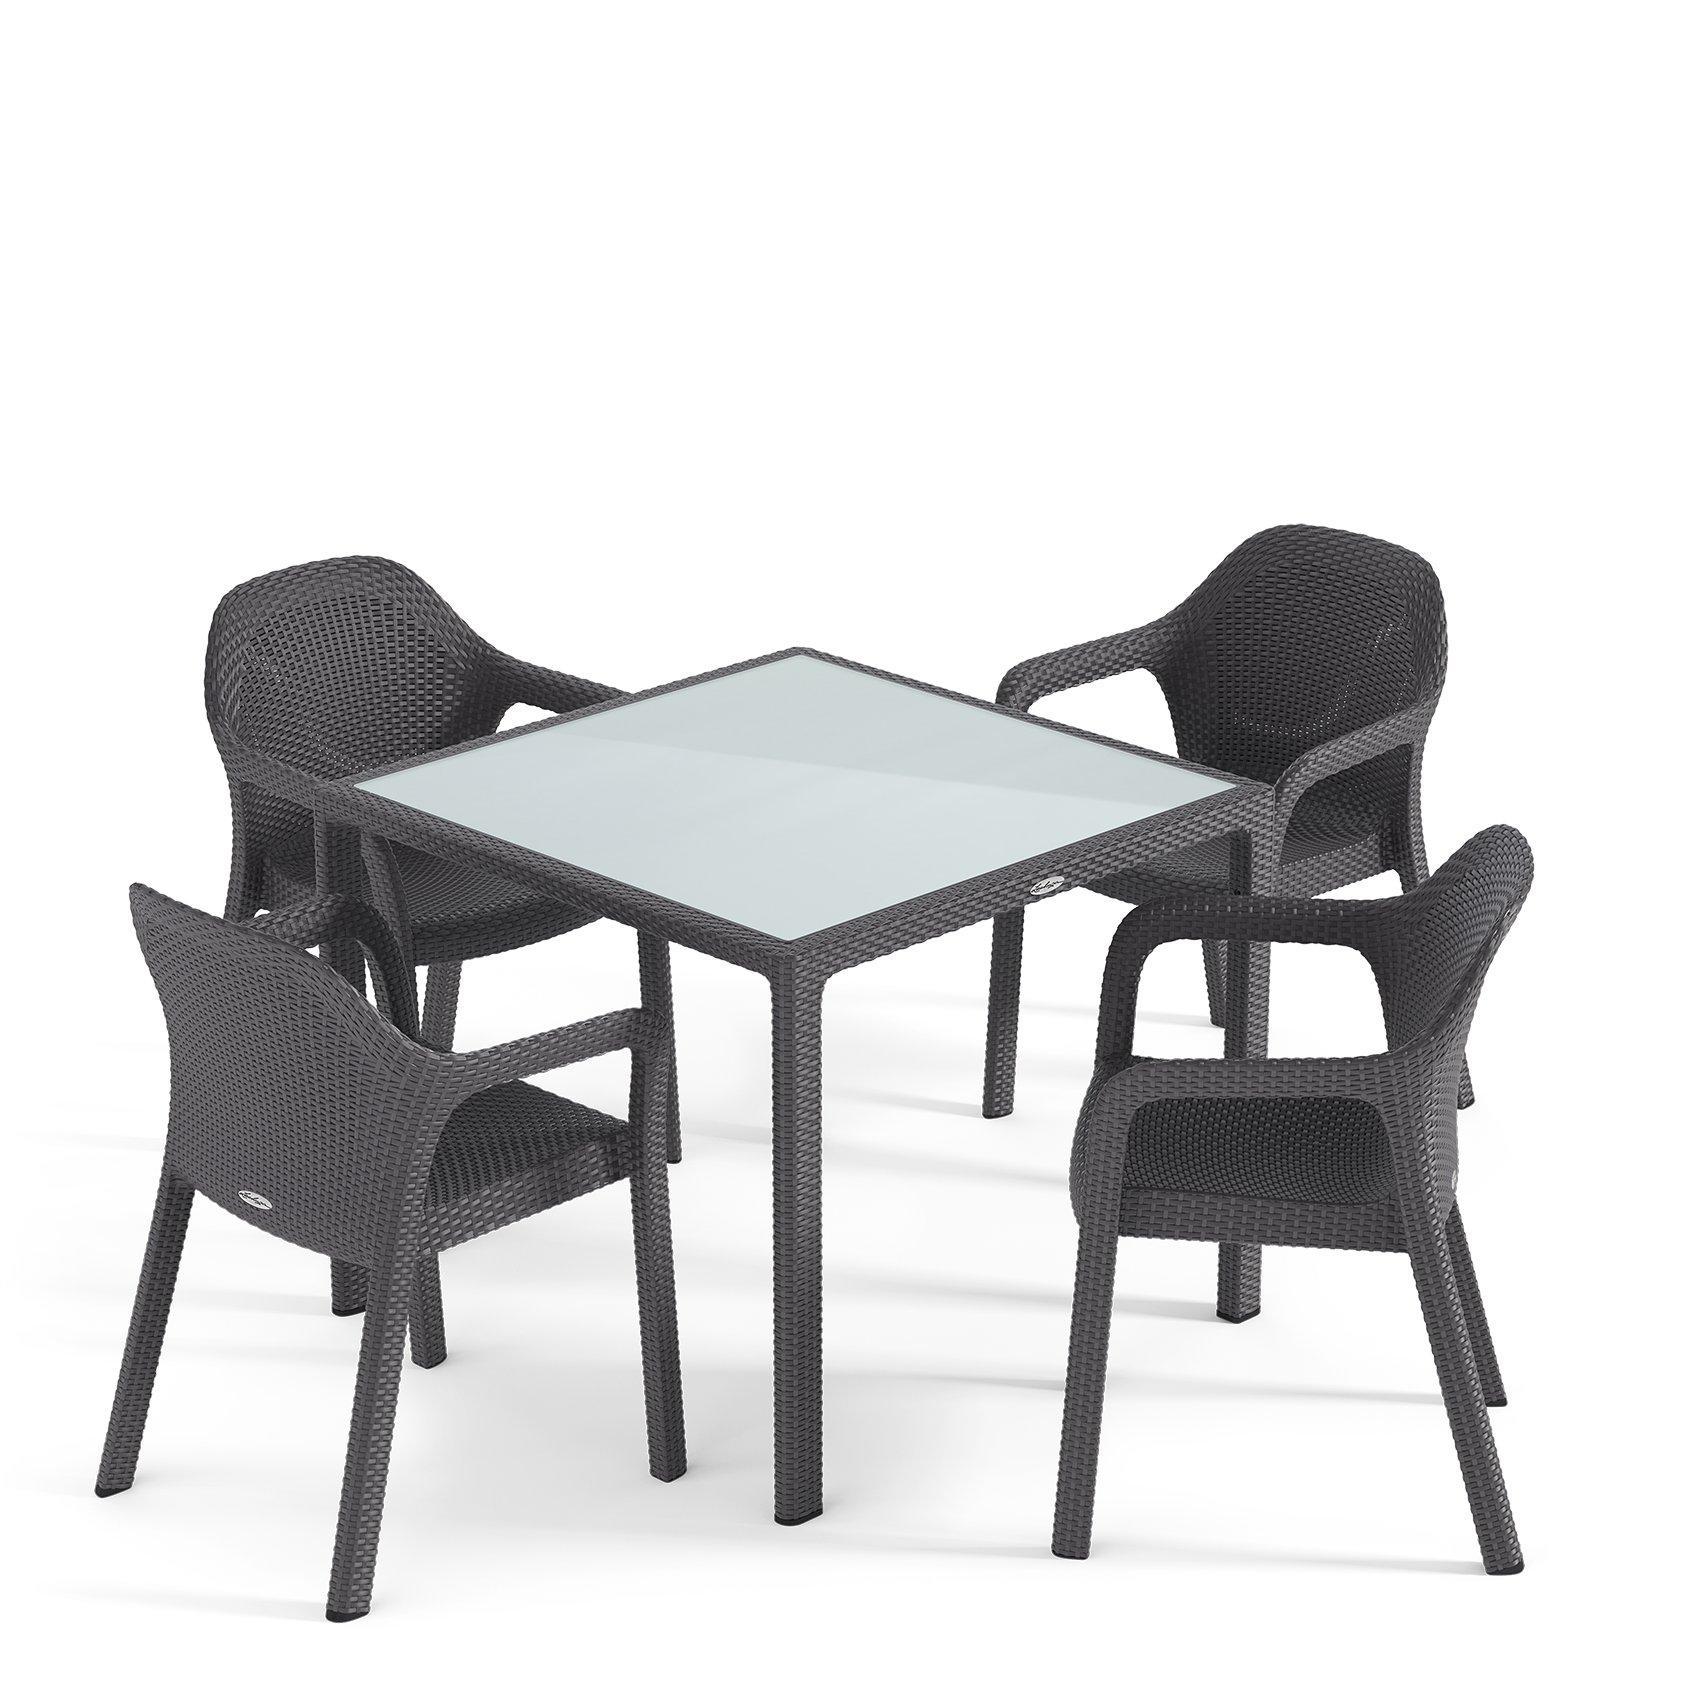 gartengruppe-5er-set_product_listingimage